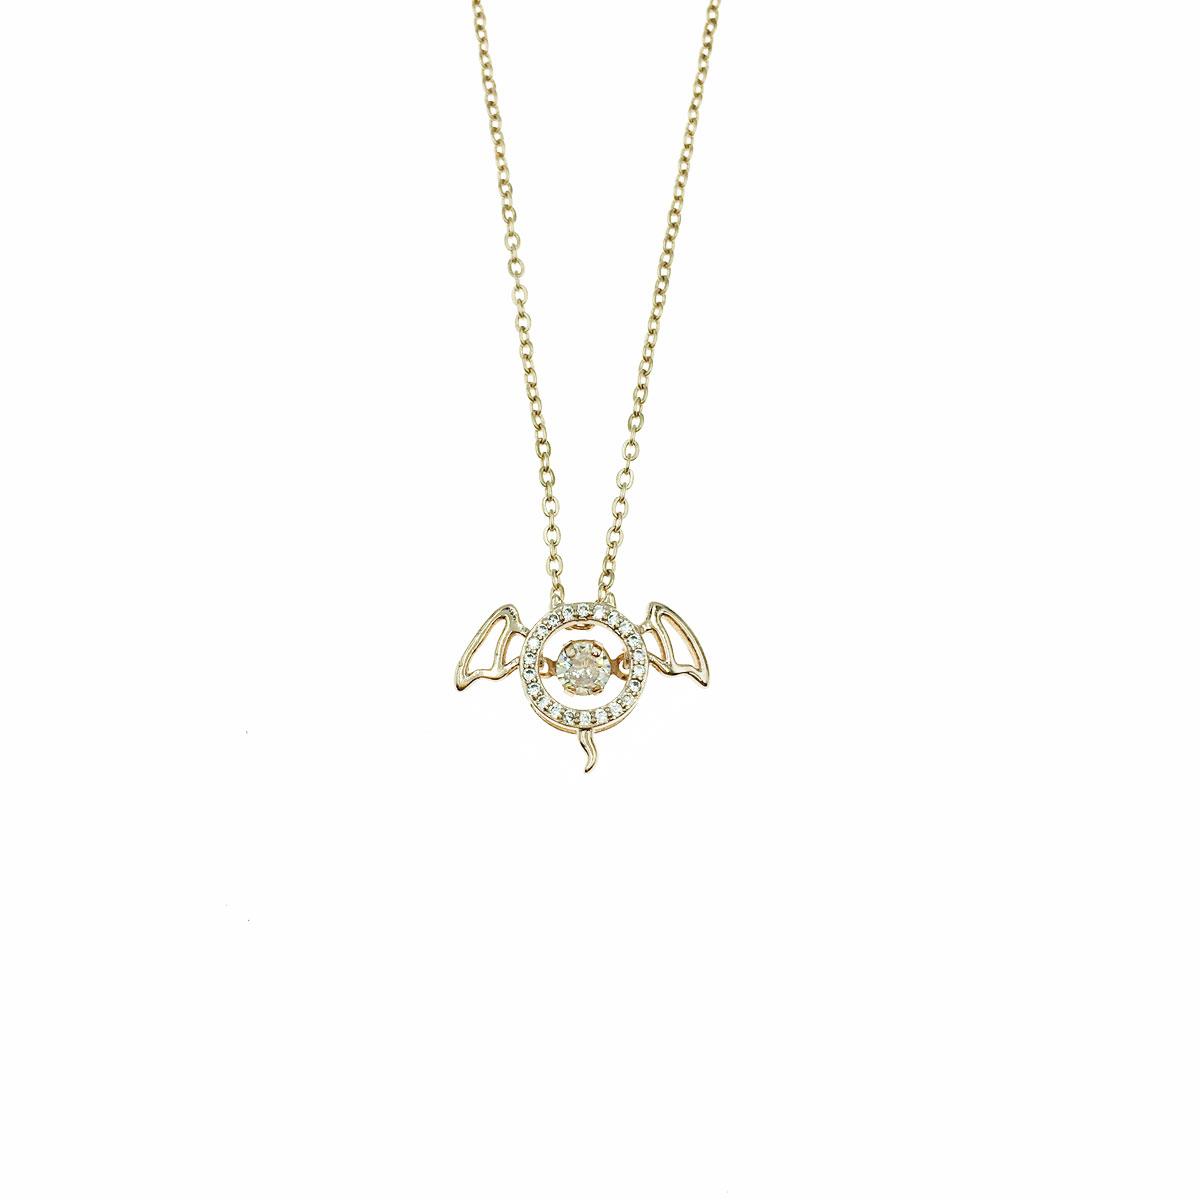 韓國 不銹鋼 水鑽 簍空 小惡魔 翅膀 鎖骨鍊 短鍊 項鍊 飾品